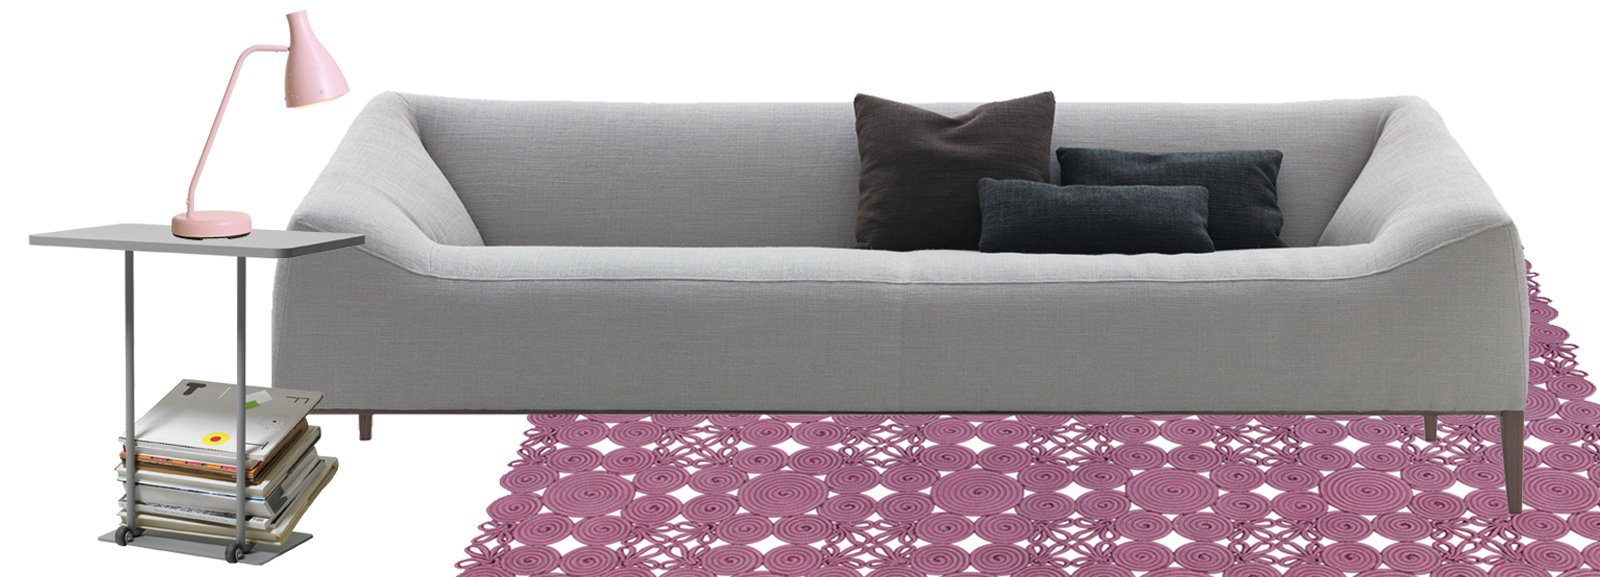 Soggiorno idee da copiare in grigio e rosa cose di casa for Arredamento idee da copiare